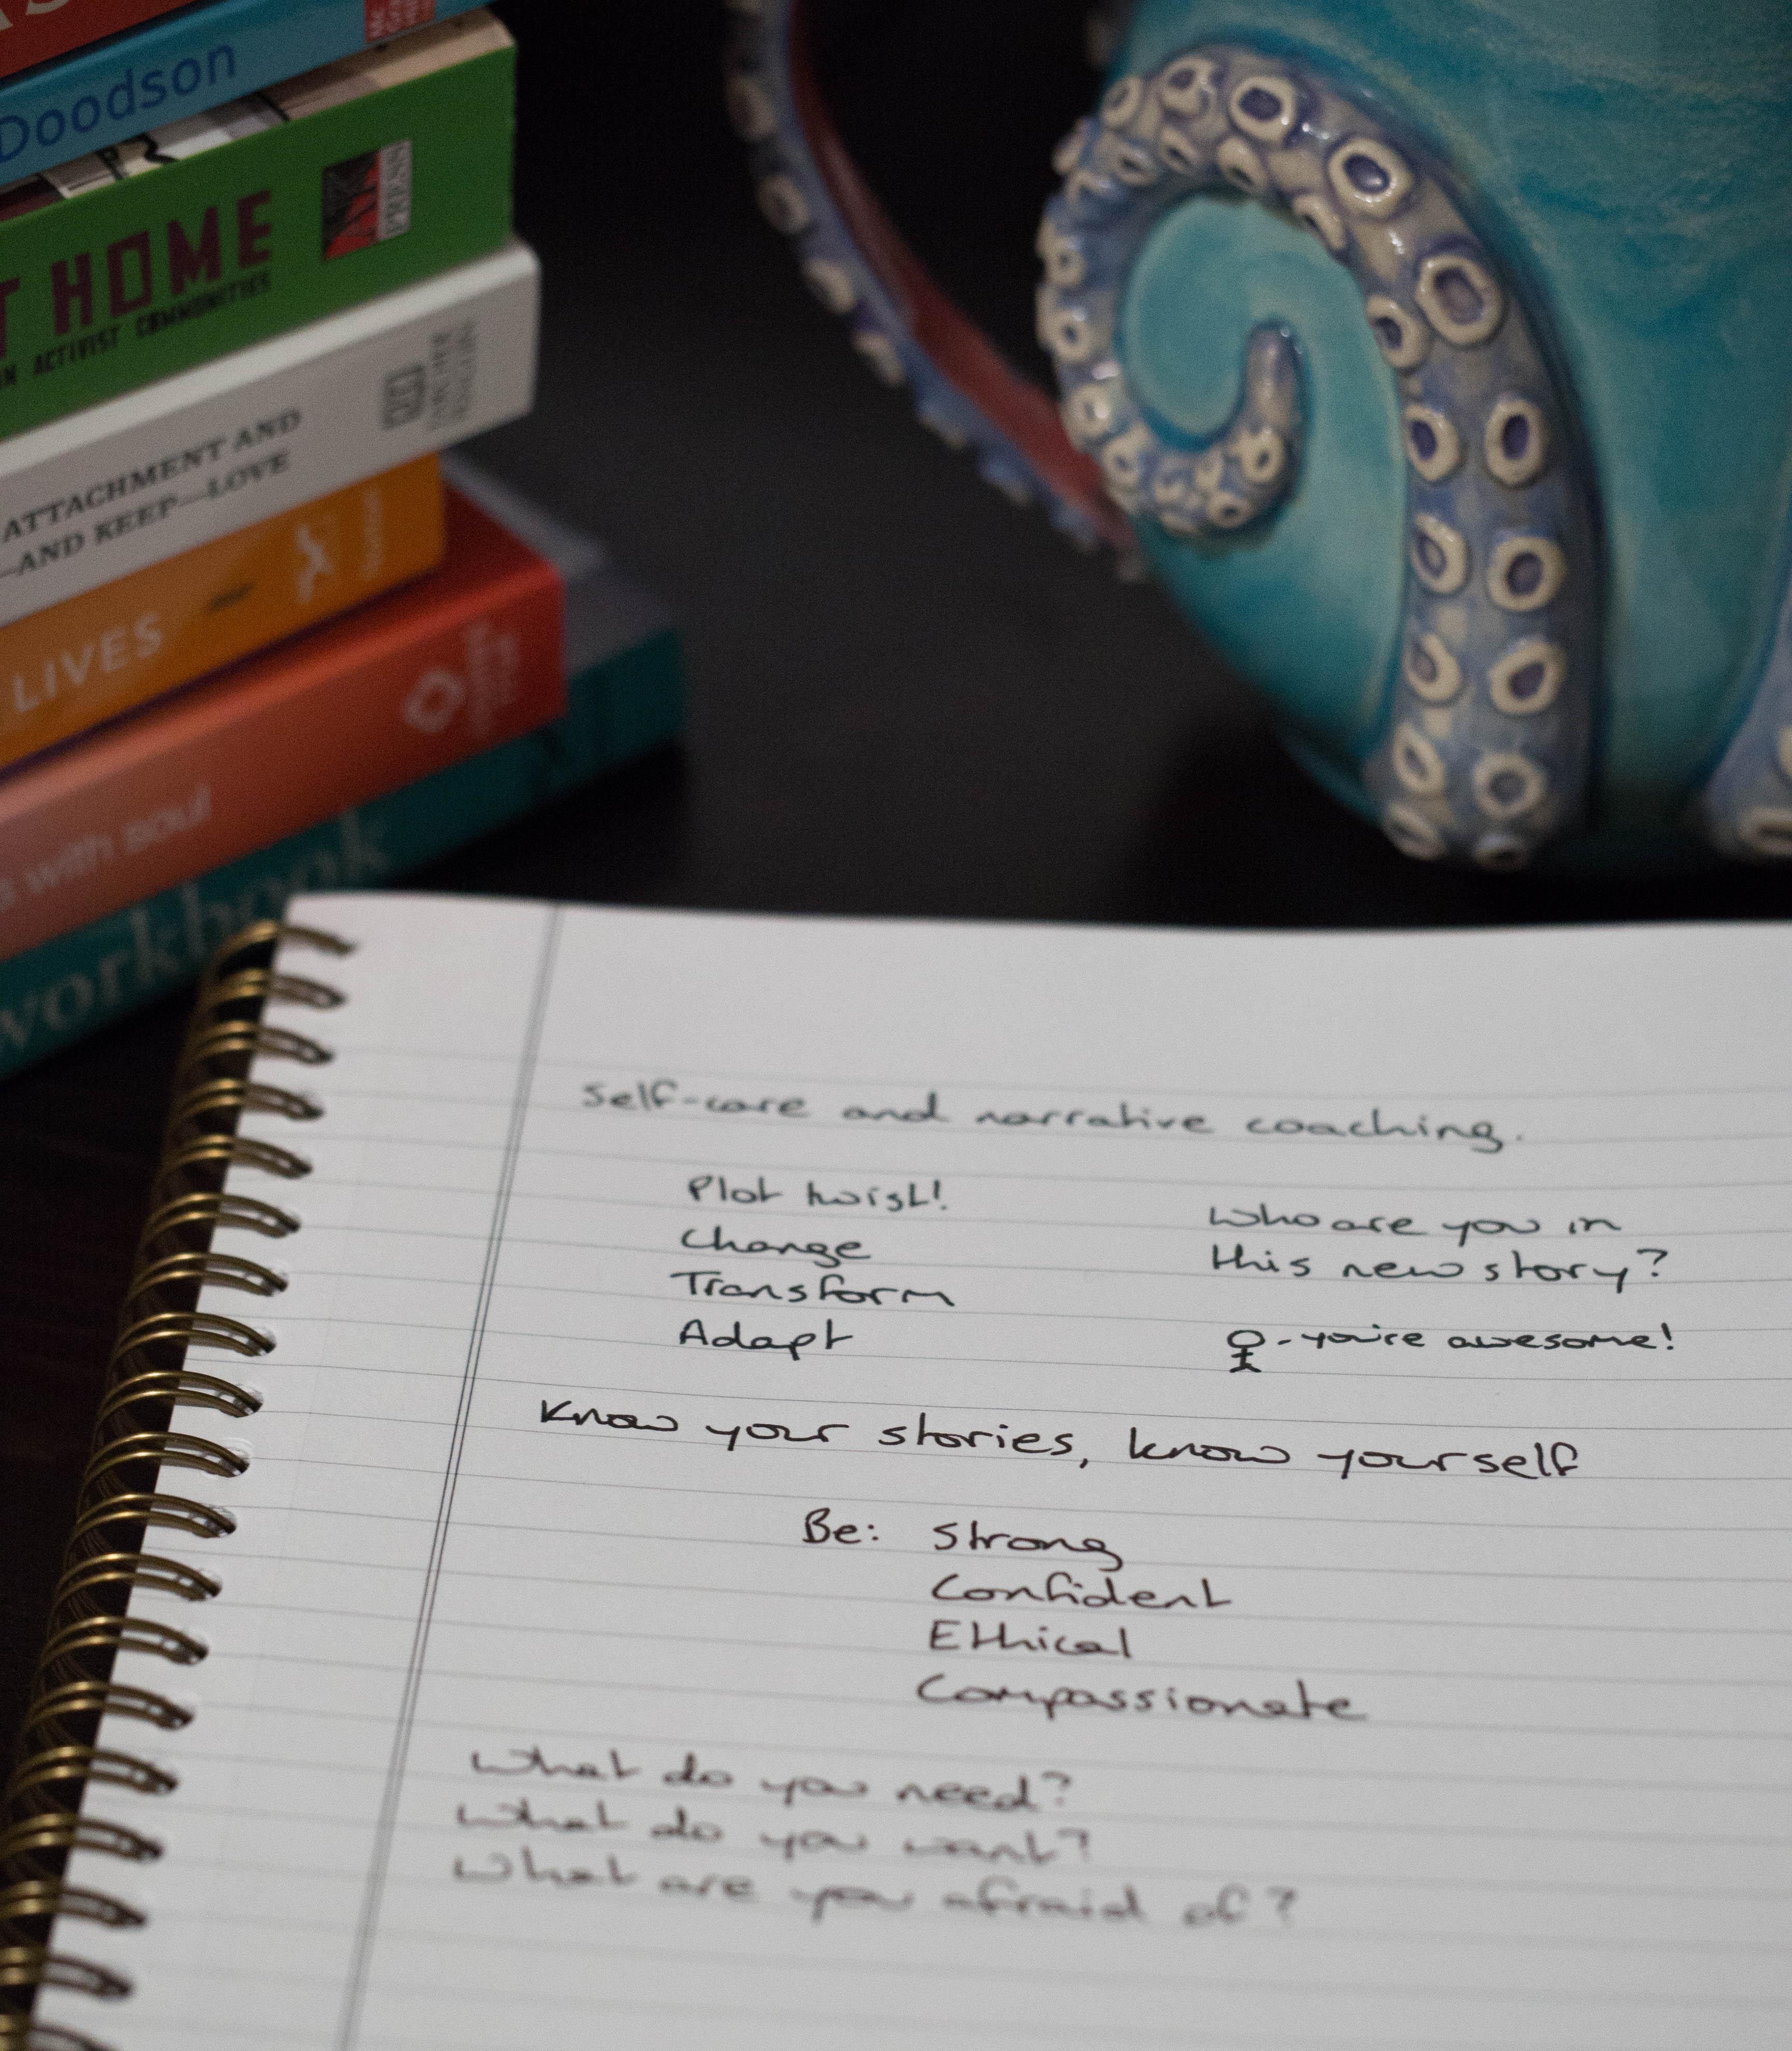 Mug, books, and journal